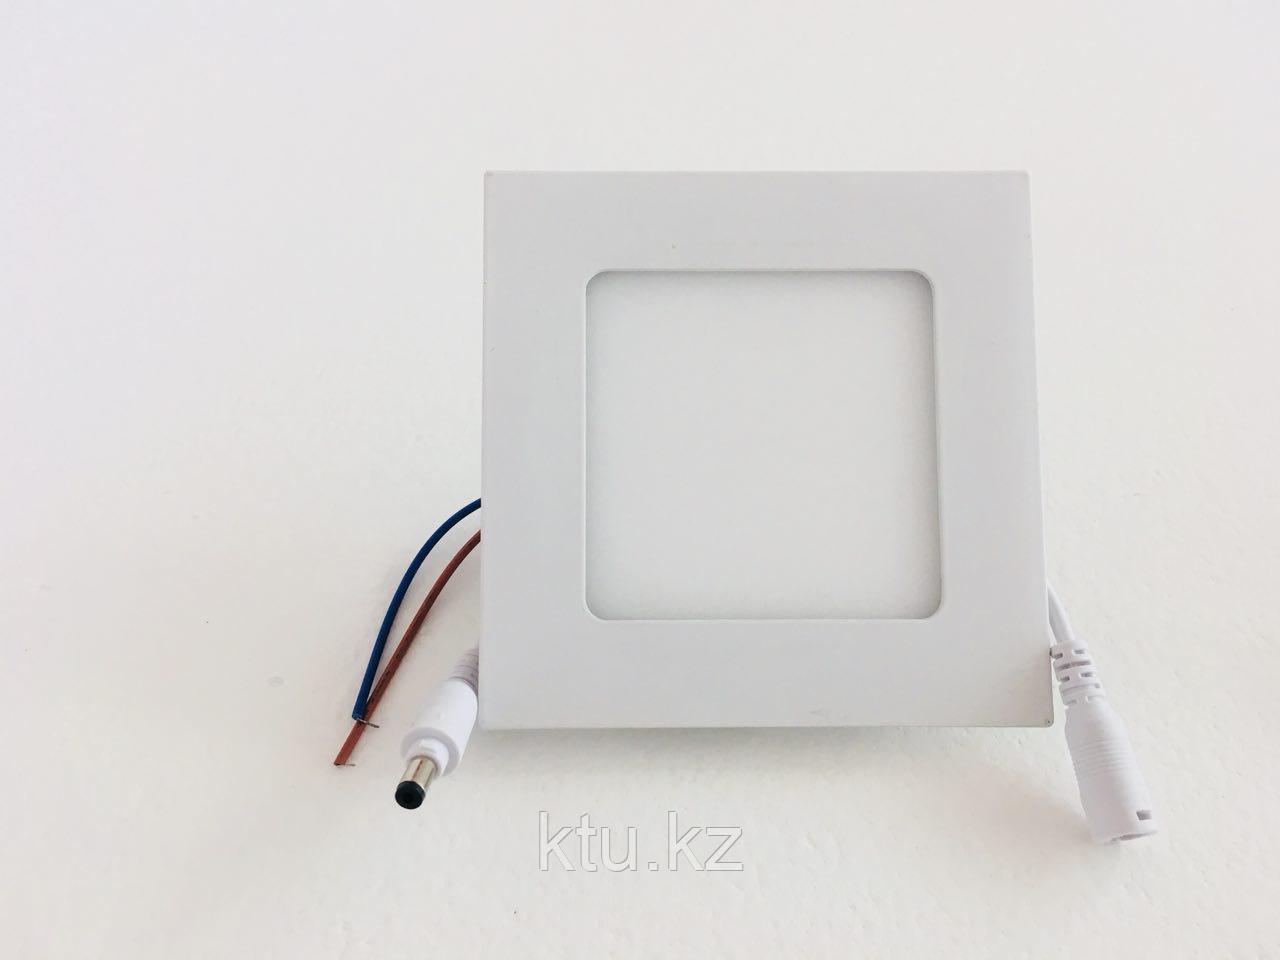 Светилники (споты) для торговых центров JL-F 9W,внутренний 1год гарантия